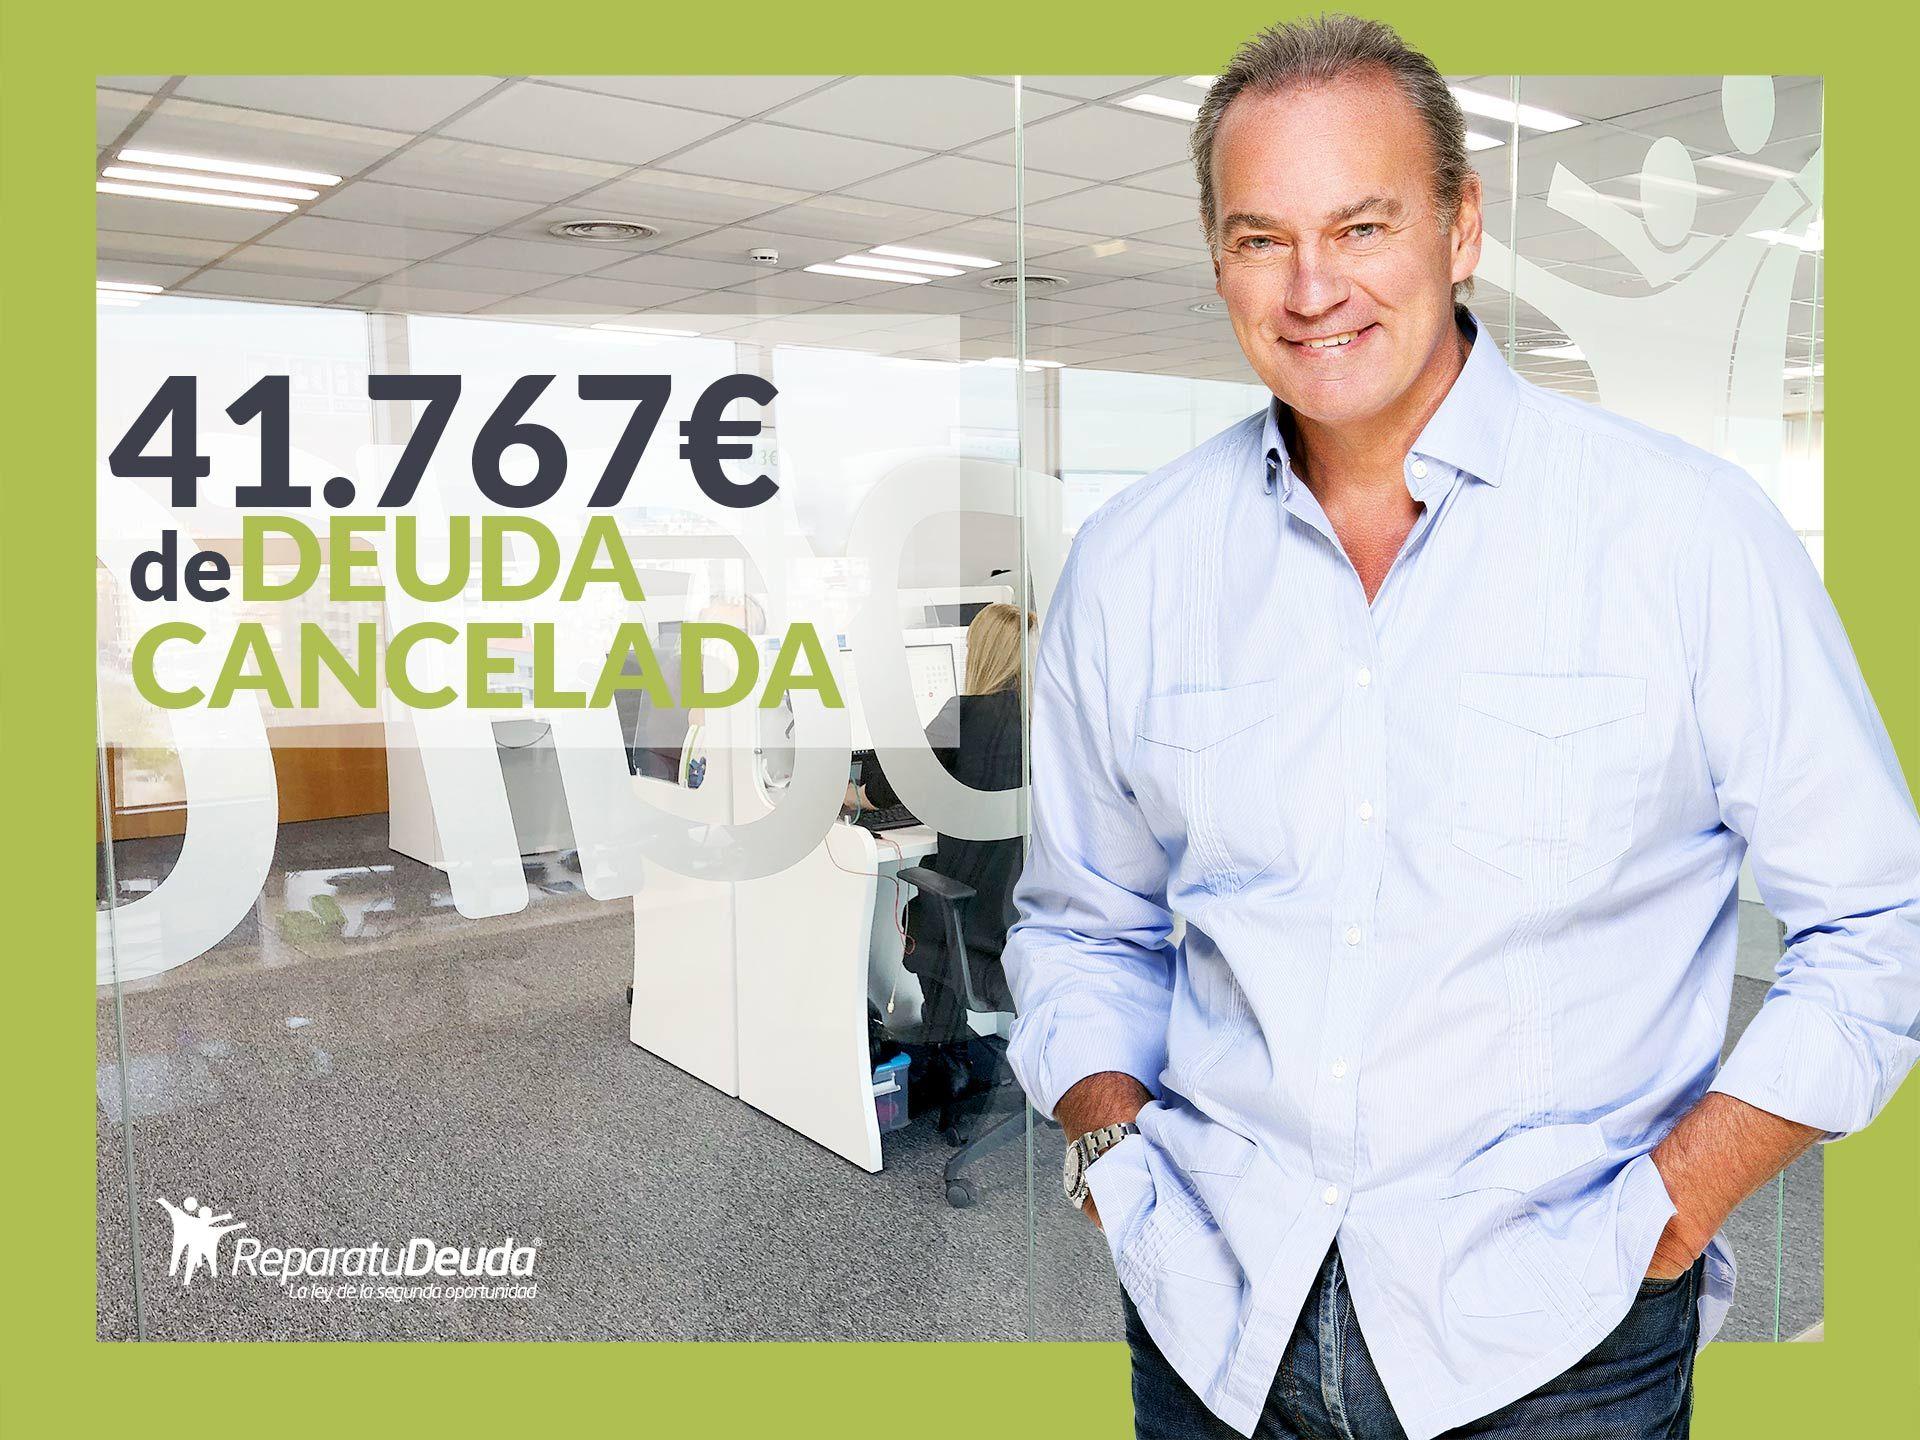 Repara tu Deuda Abogados cancela 41.767? en Ibiza (Baleares) con la Ley de la Segunda Oportunidad